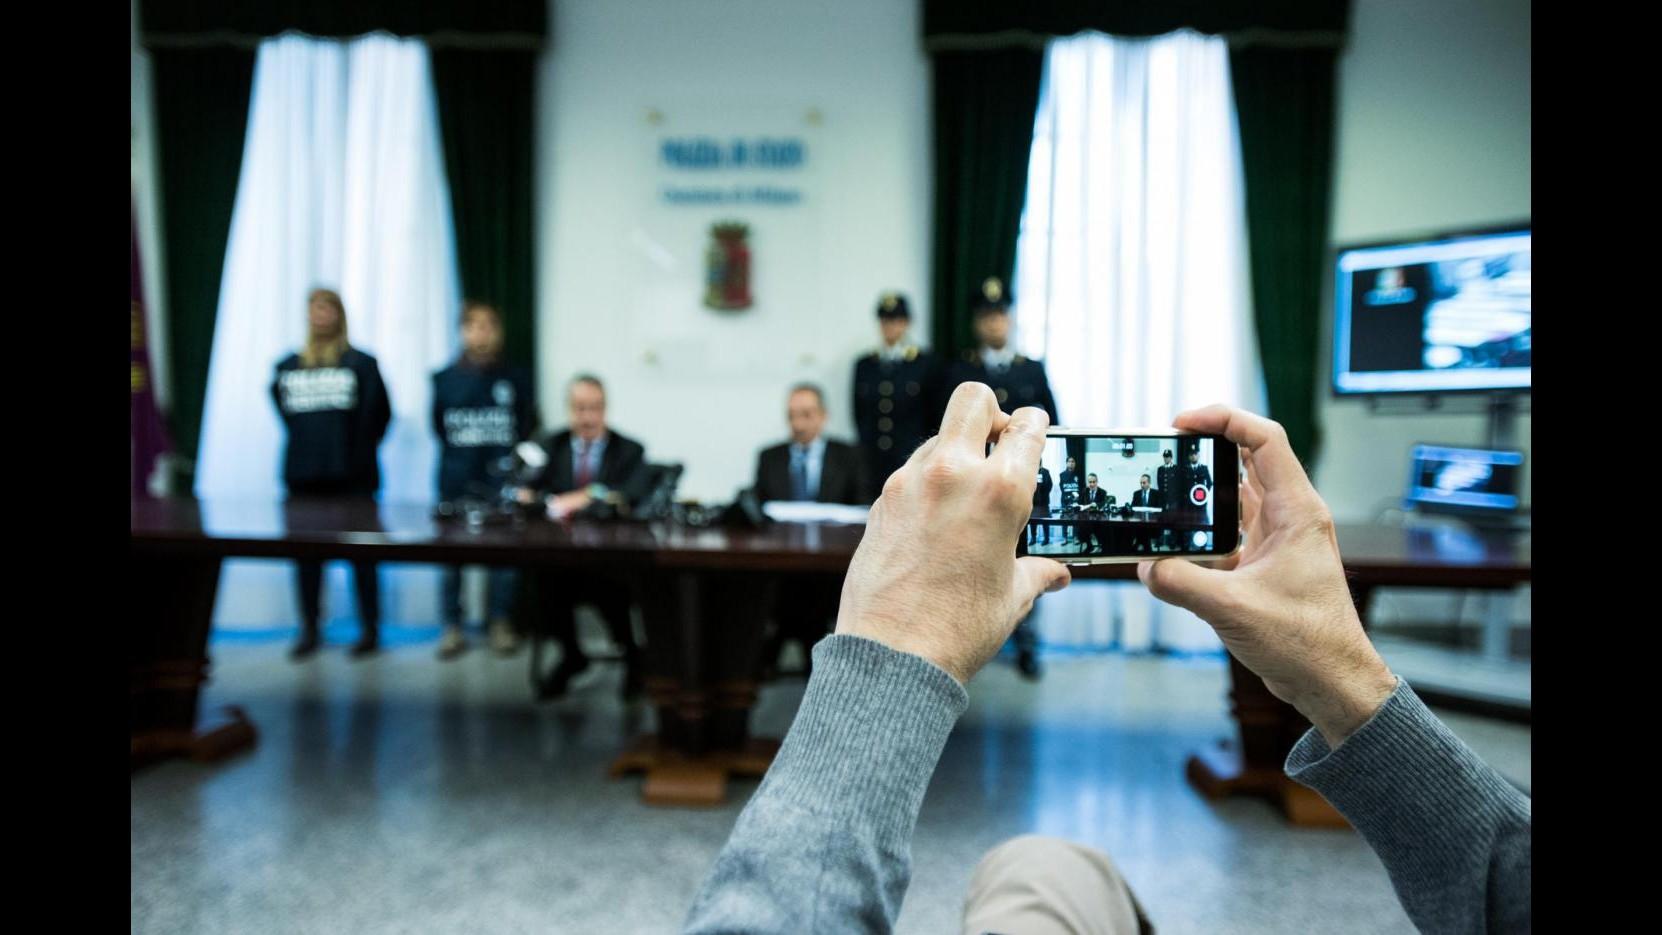 Milano, pm: Arresti 'blocco nero' NoExpo non saranno gli ultimi